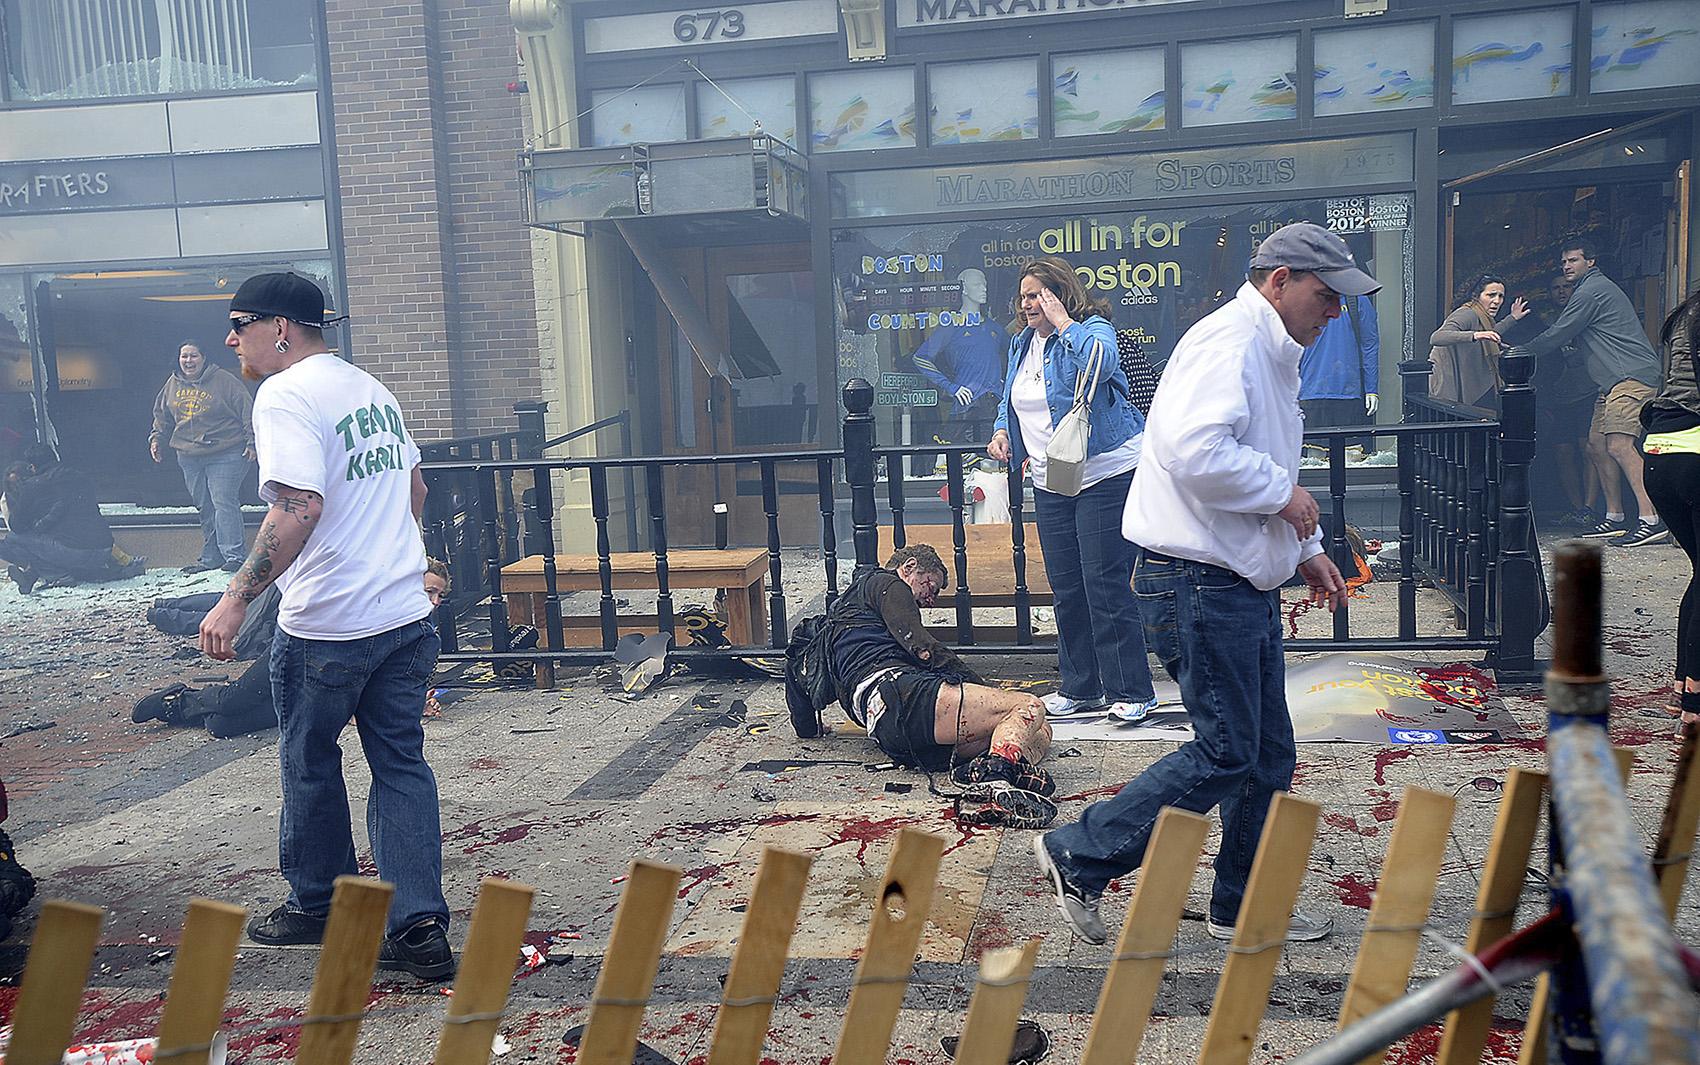 Ferido aguarda socorro momentos após a explosão em Boston.